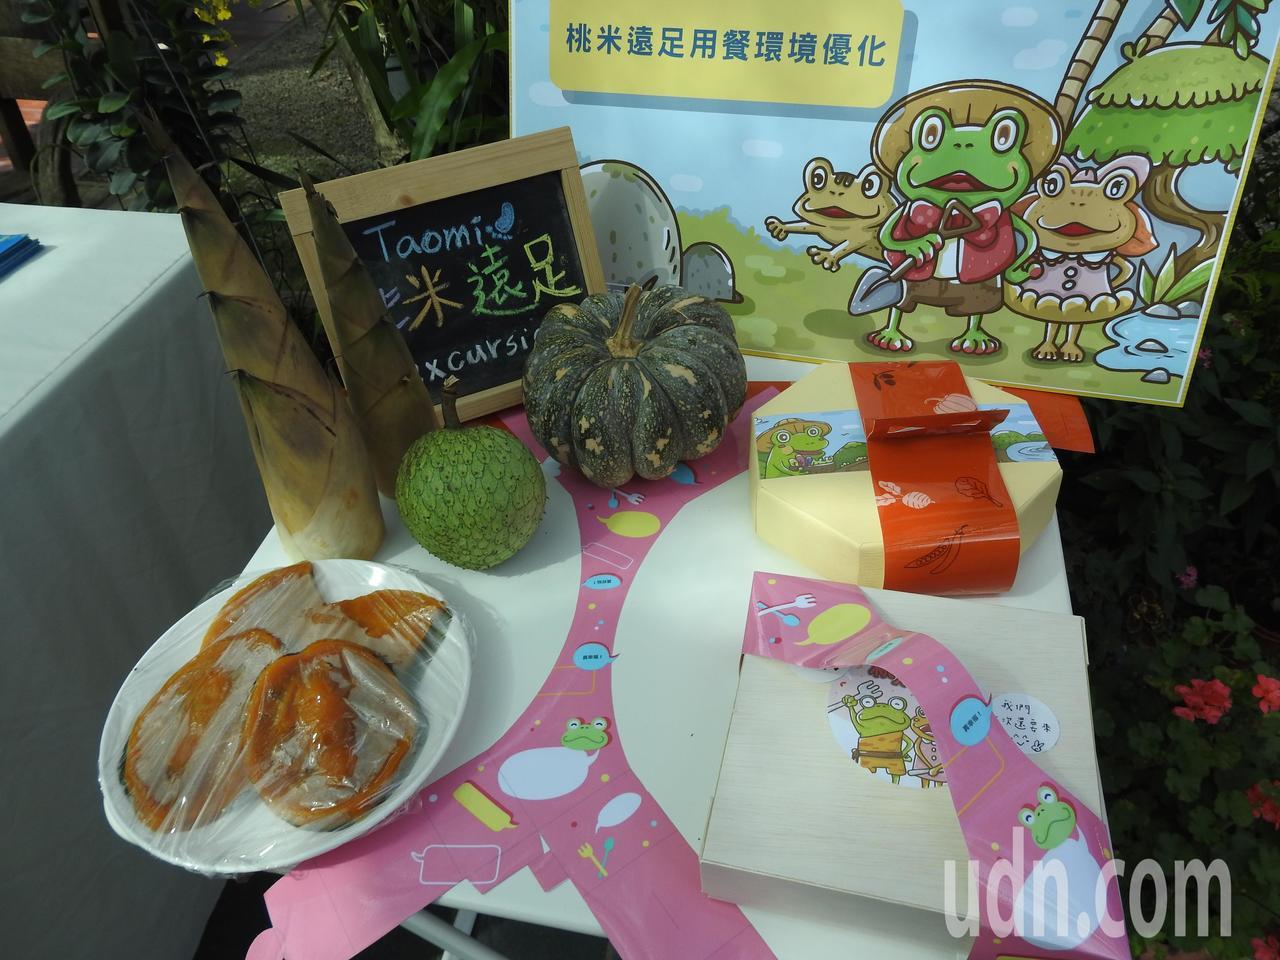 埔里桃米休閒農業區明年推出創新遊程和商品,其中還有遠足特色餐盒。記者賴香珊/攝影